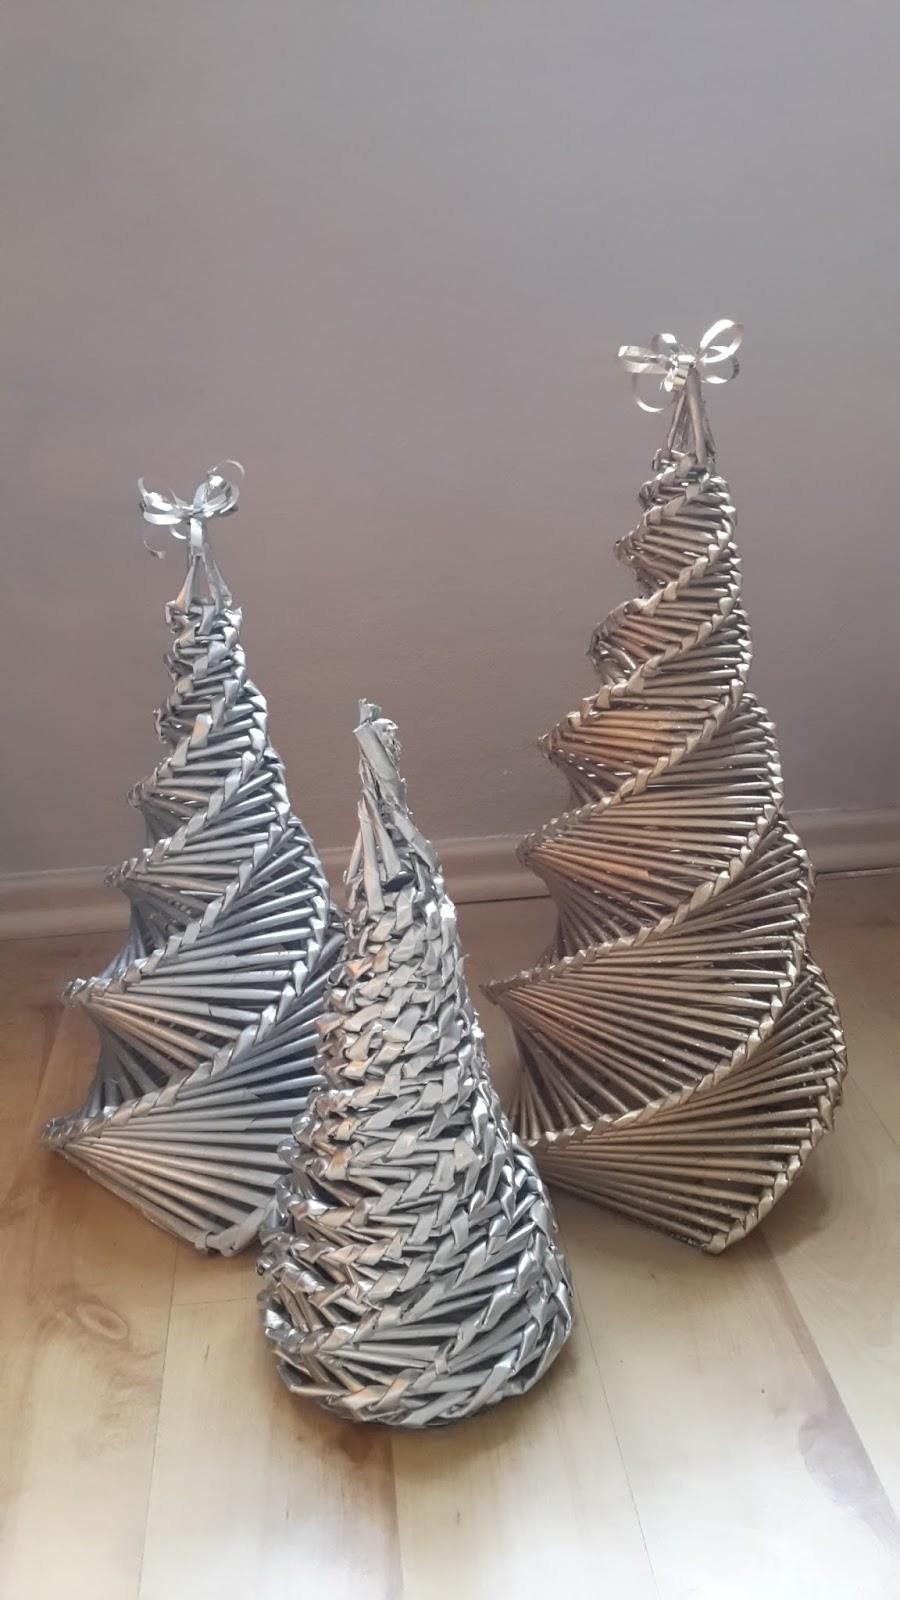 weihnachtsbaum aus zeitungsr llchen last minute geschenke mary 39 s kreativ blog. Black Bedroom Furniture Sets. Home Design Ideas